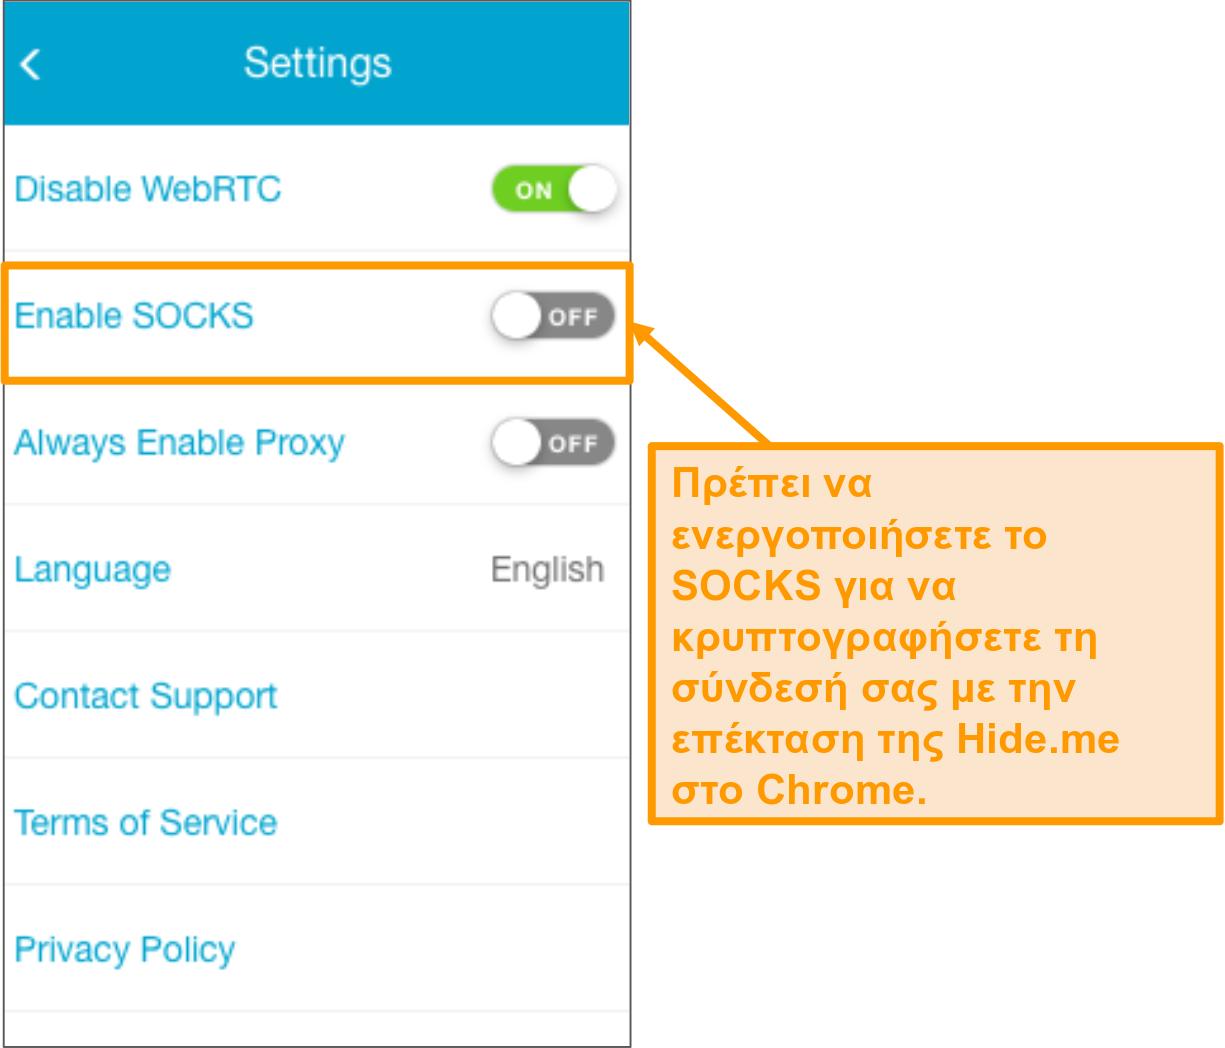 Στιγμιότυπο οθόνης των ρυθμίσεων επέκτασης προγράμματος περιήγησης Hide.me.